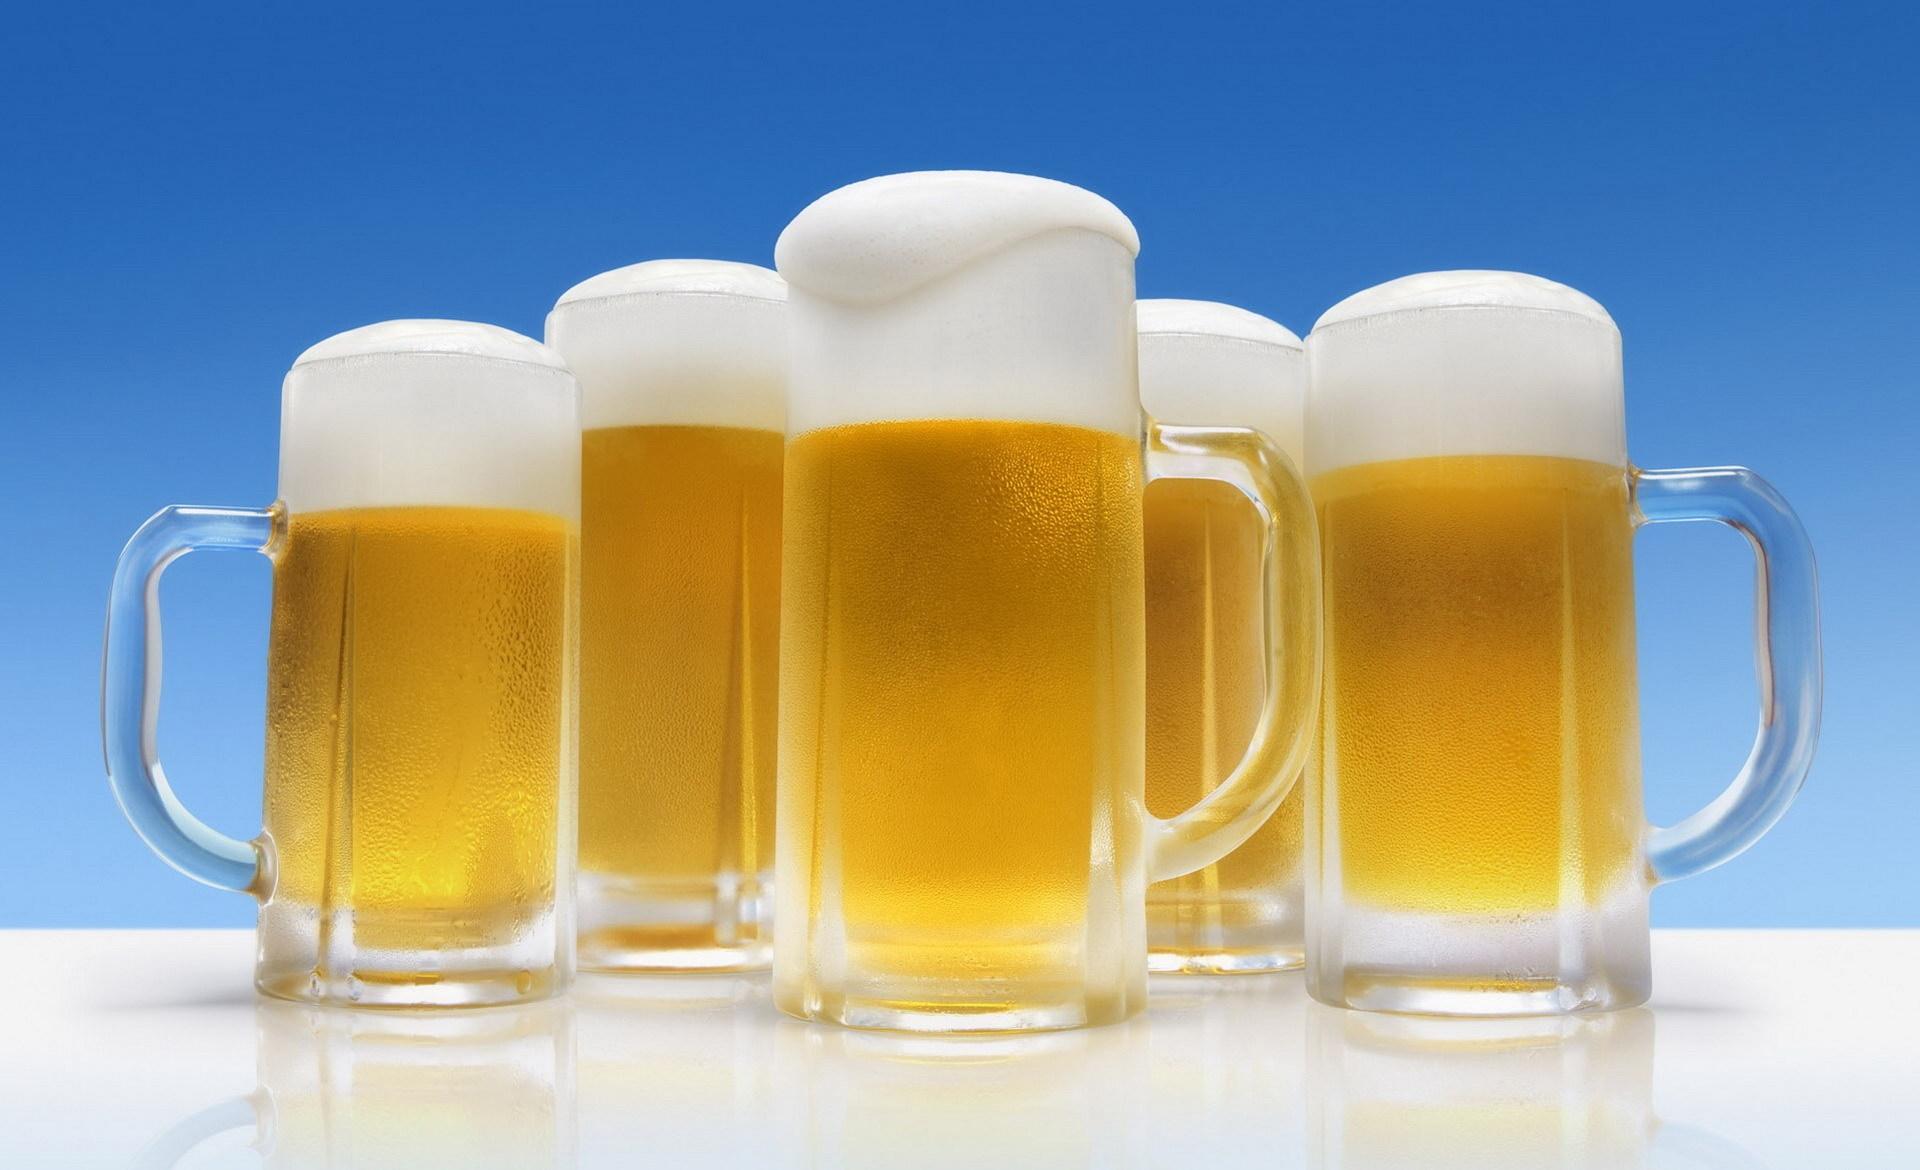 Birre invendute offerte gratuitamente da un birrificio